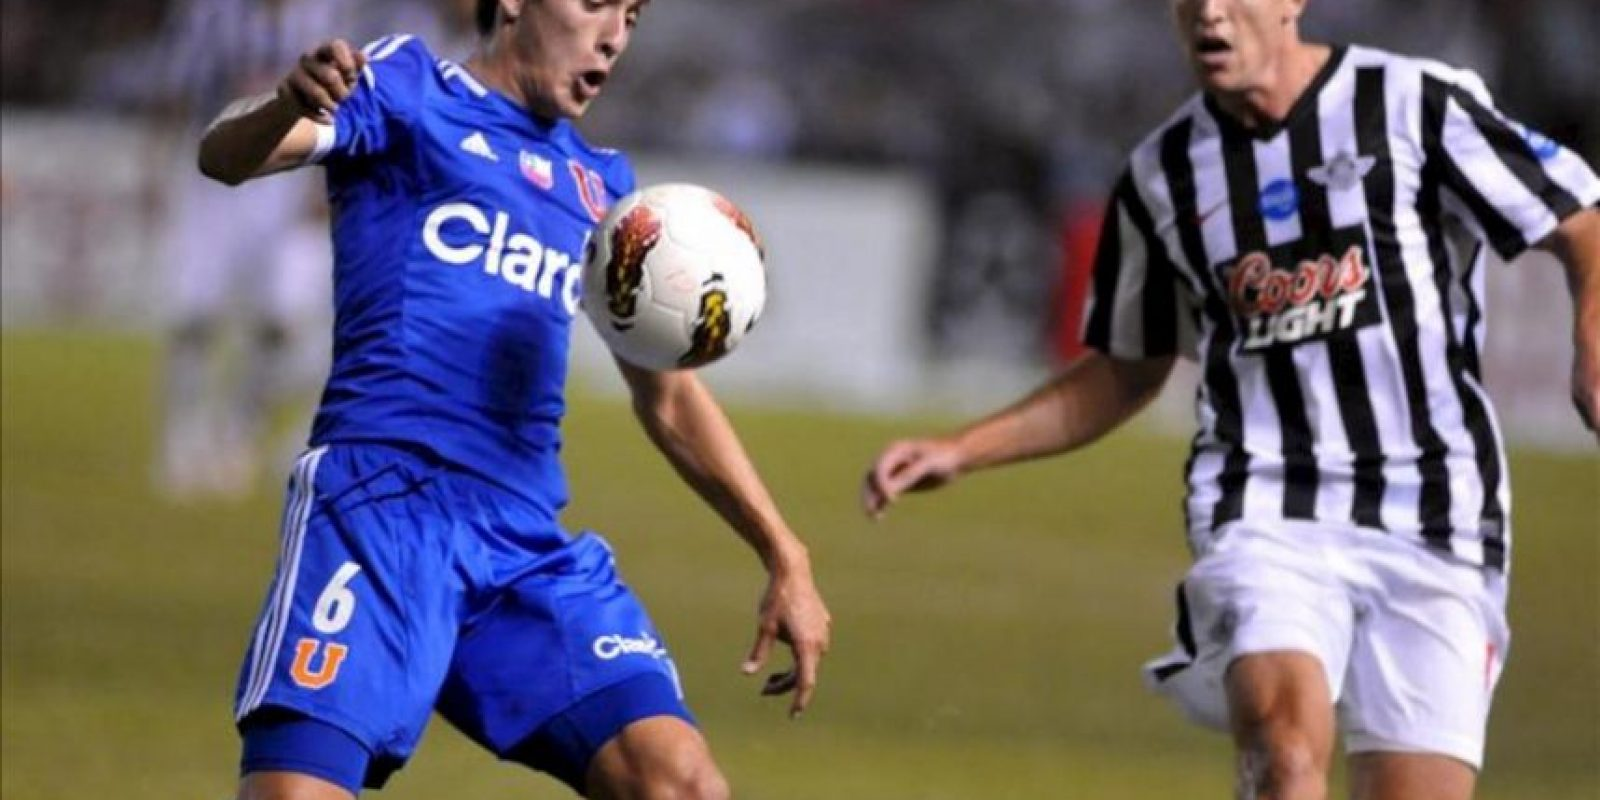 El jugador de Universidad de Chile Matías Rodríguez (i) disputa el balón con Luciano Civelli (d) del Libertad de Paraguay, el pasado miércoles 16 de mayo, en el partido de ida de los cuartos de final de la Copa Libertadores de América en Asunción (Paraguay). EFE